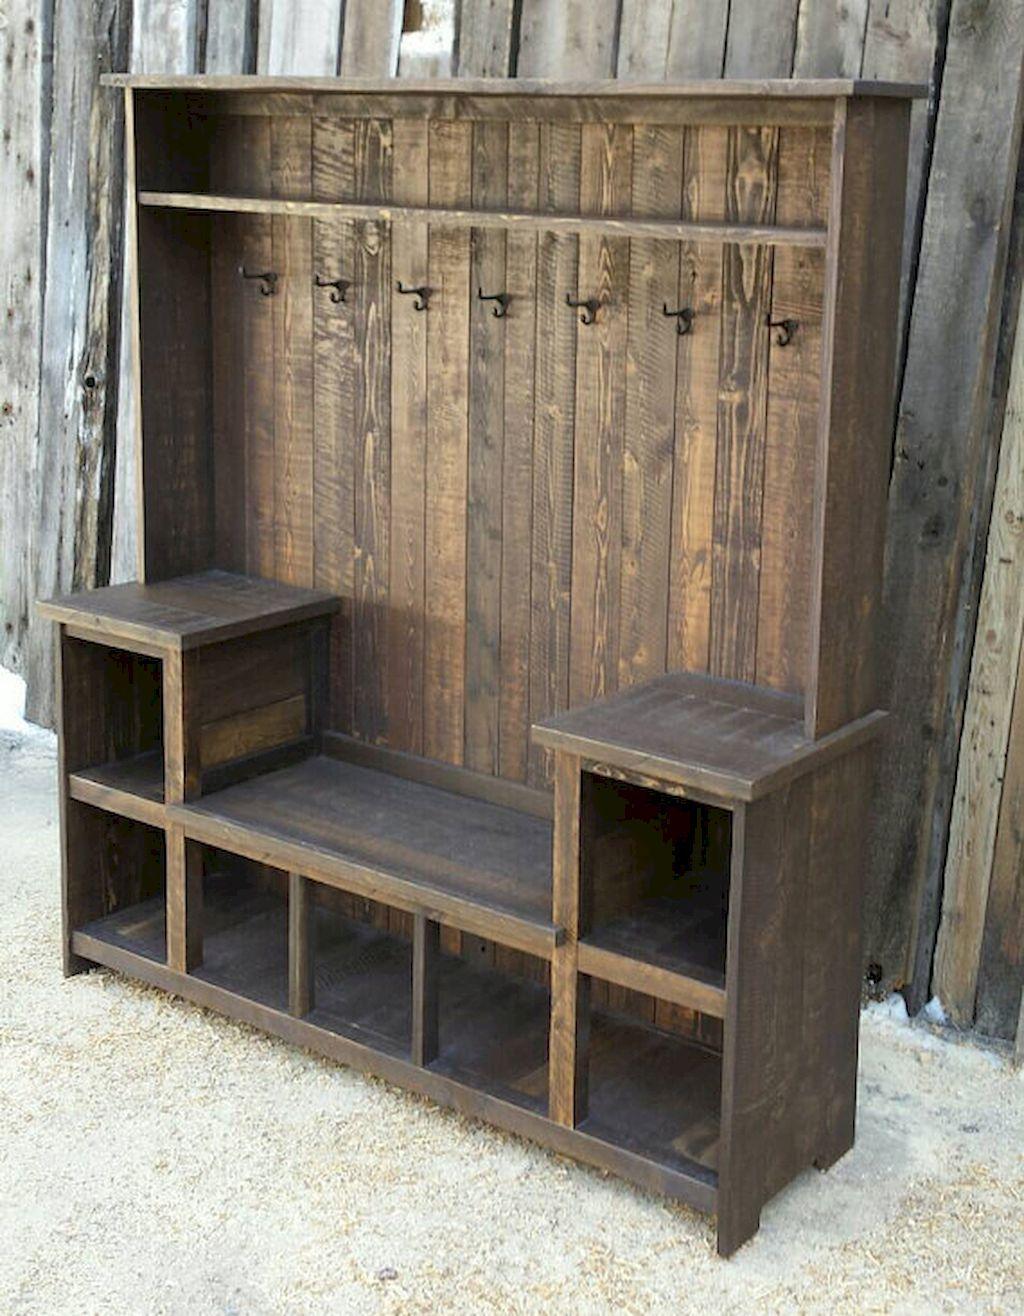 80 Rustic Small Mudroom Bench Ideas | Decoracion sala comedor ...